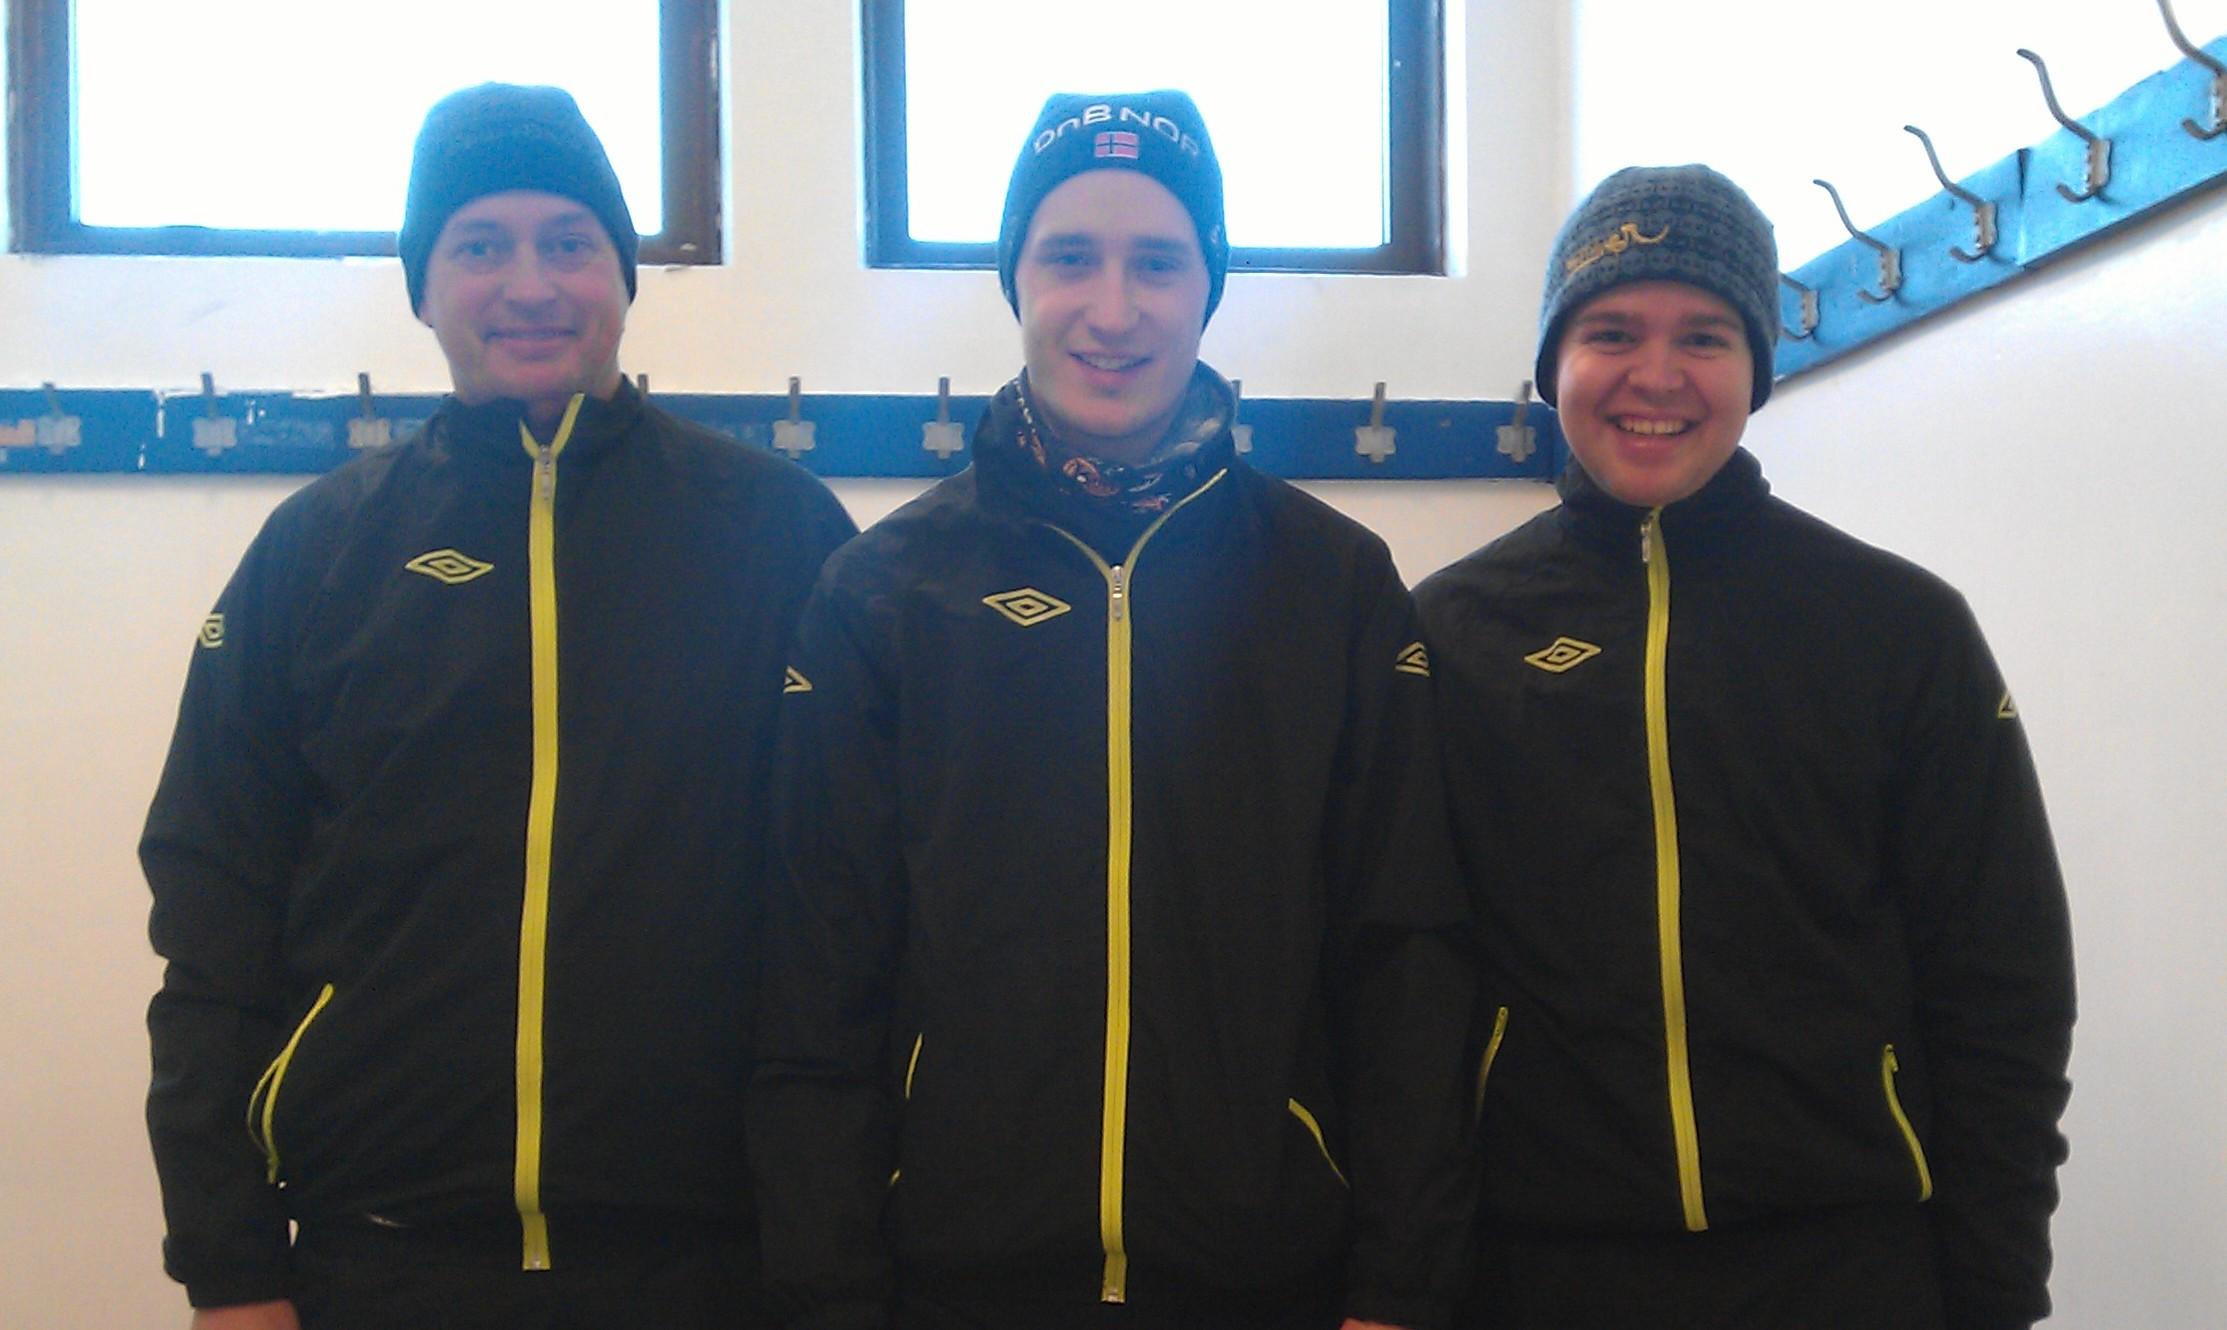 Treningskamptrio: Morten Olafsen, Tore Olsen Hagelund og Henrik Skjevestad